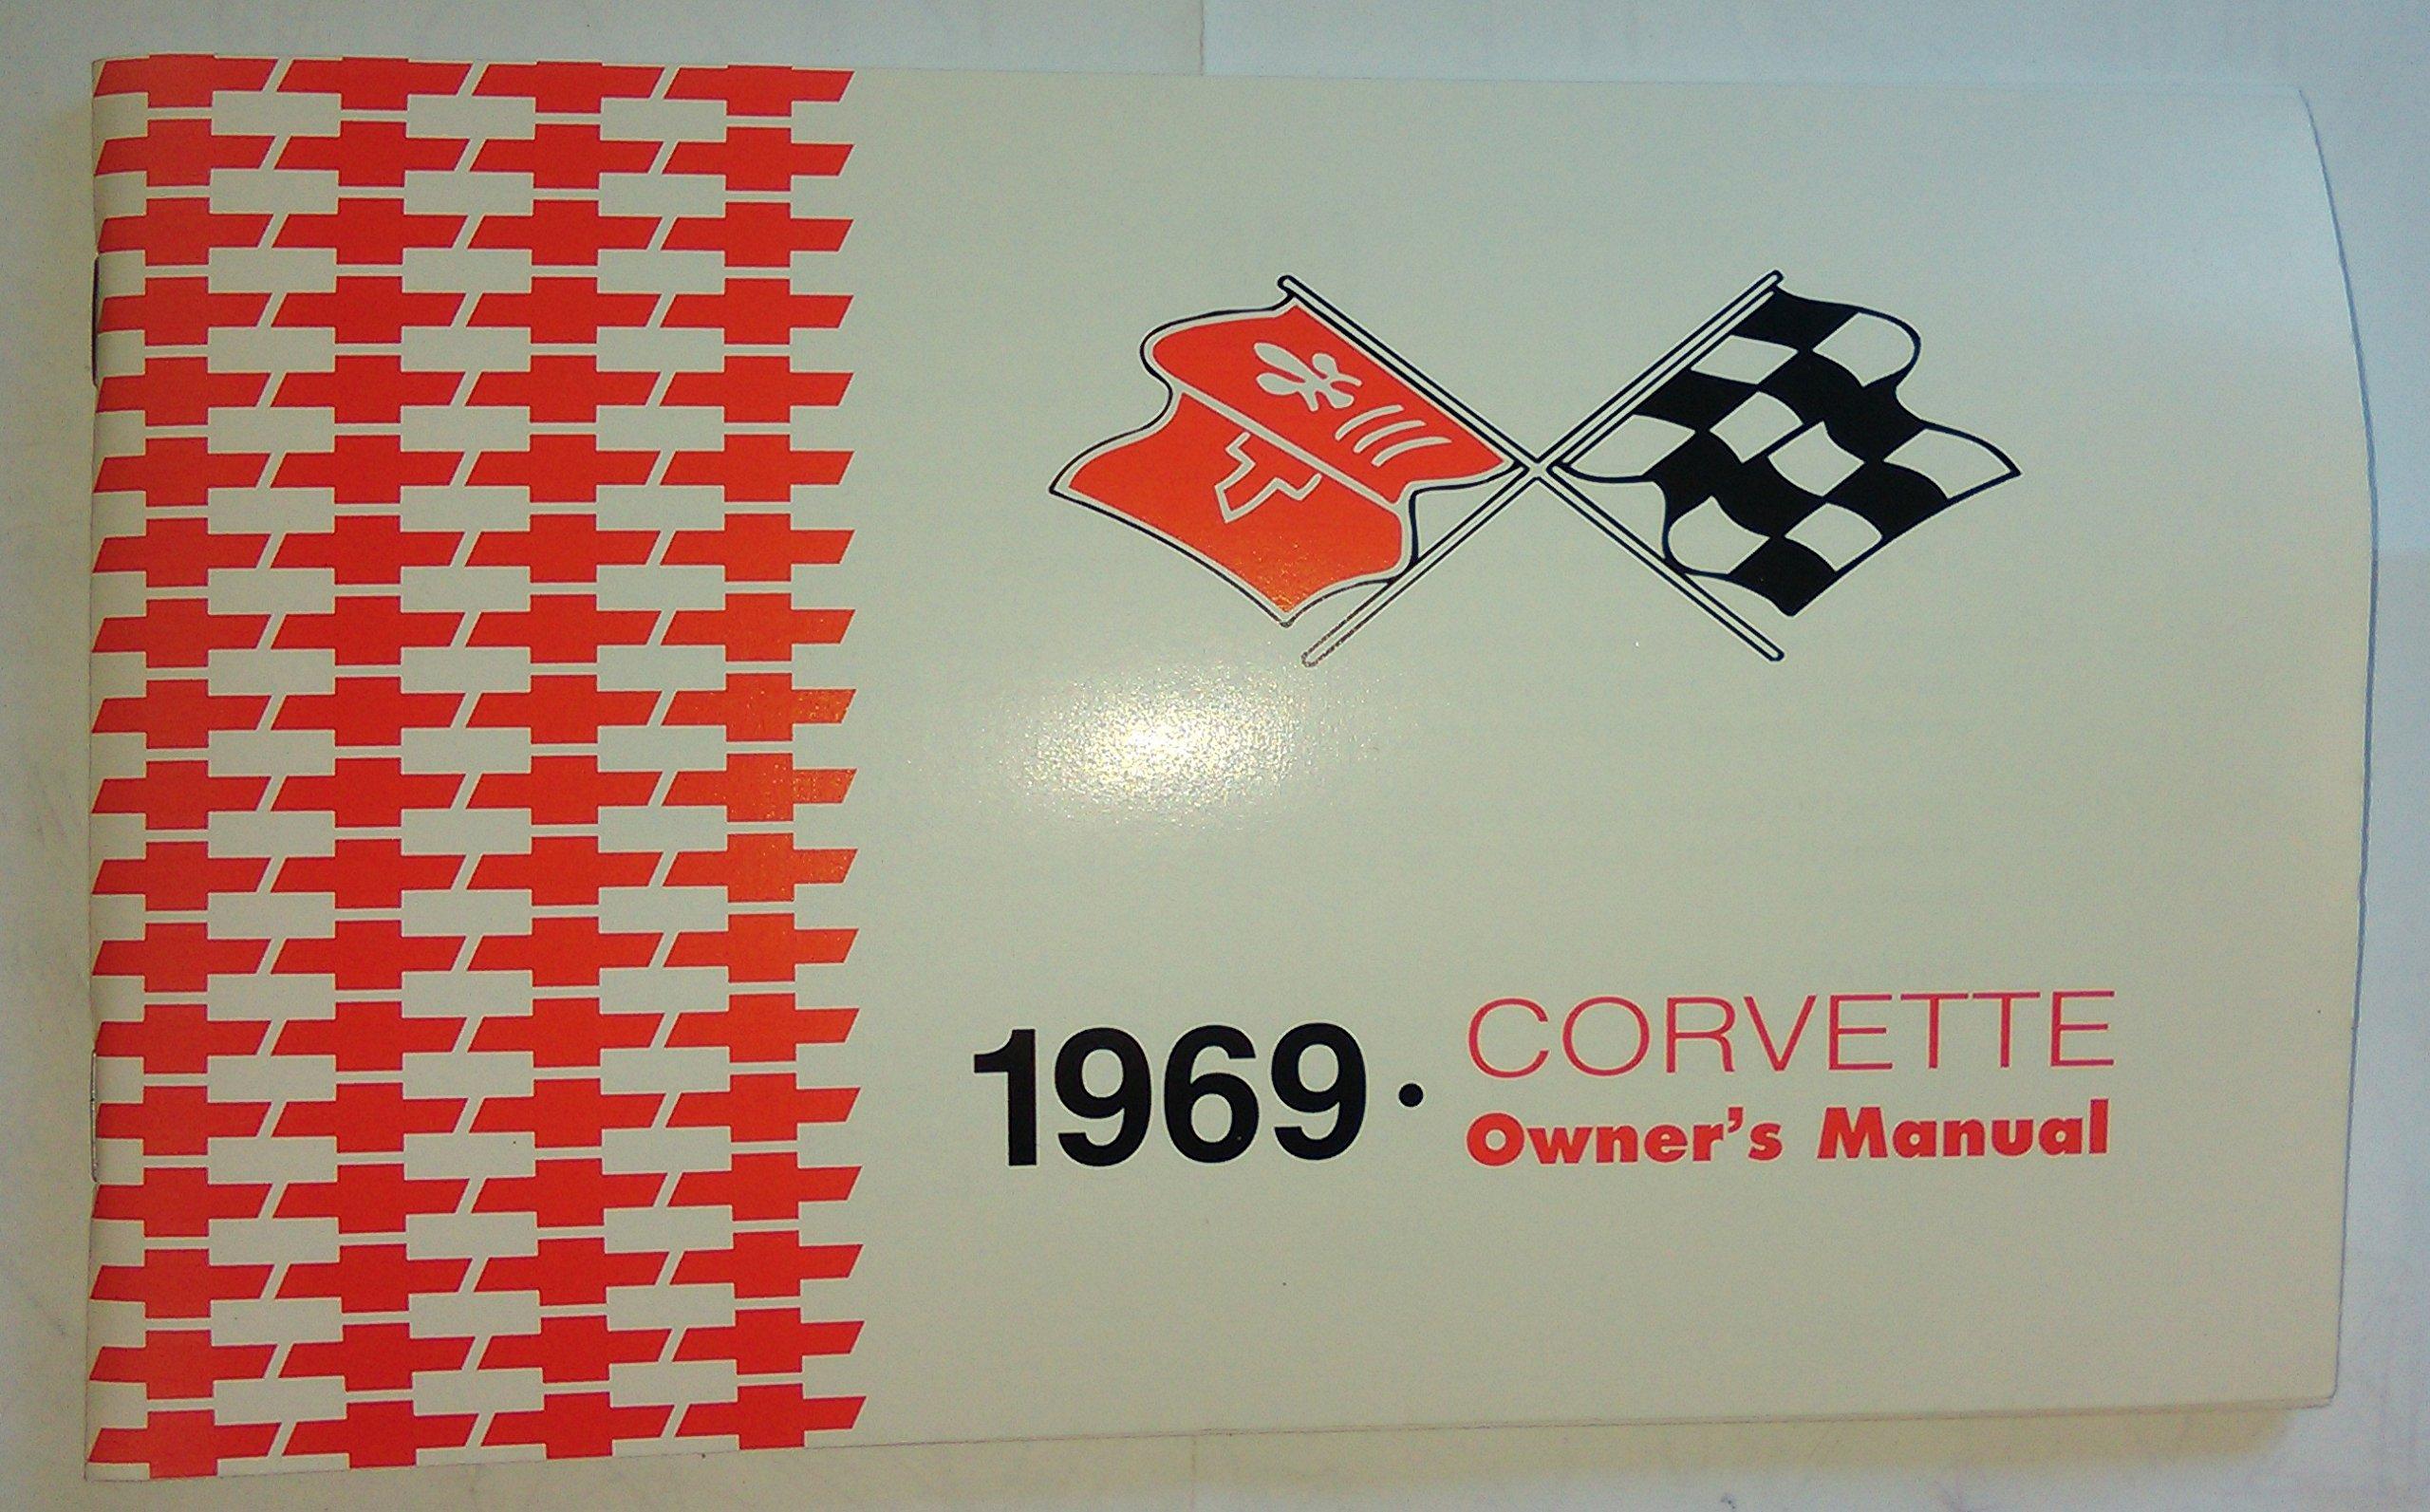 1969 corvette owner s manual reprint chevrolet amazon com books rh amazon com 1969 corvette owners manual online 1969 corvette owners manual pdf